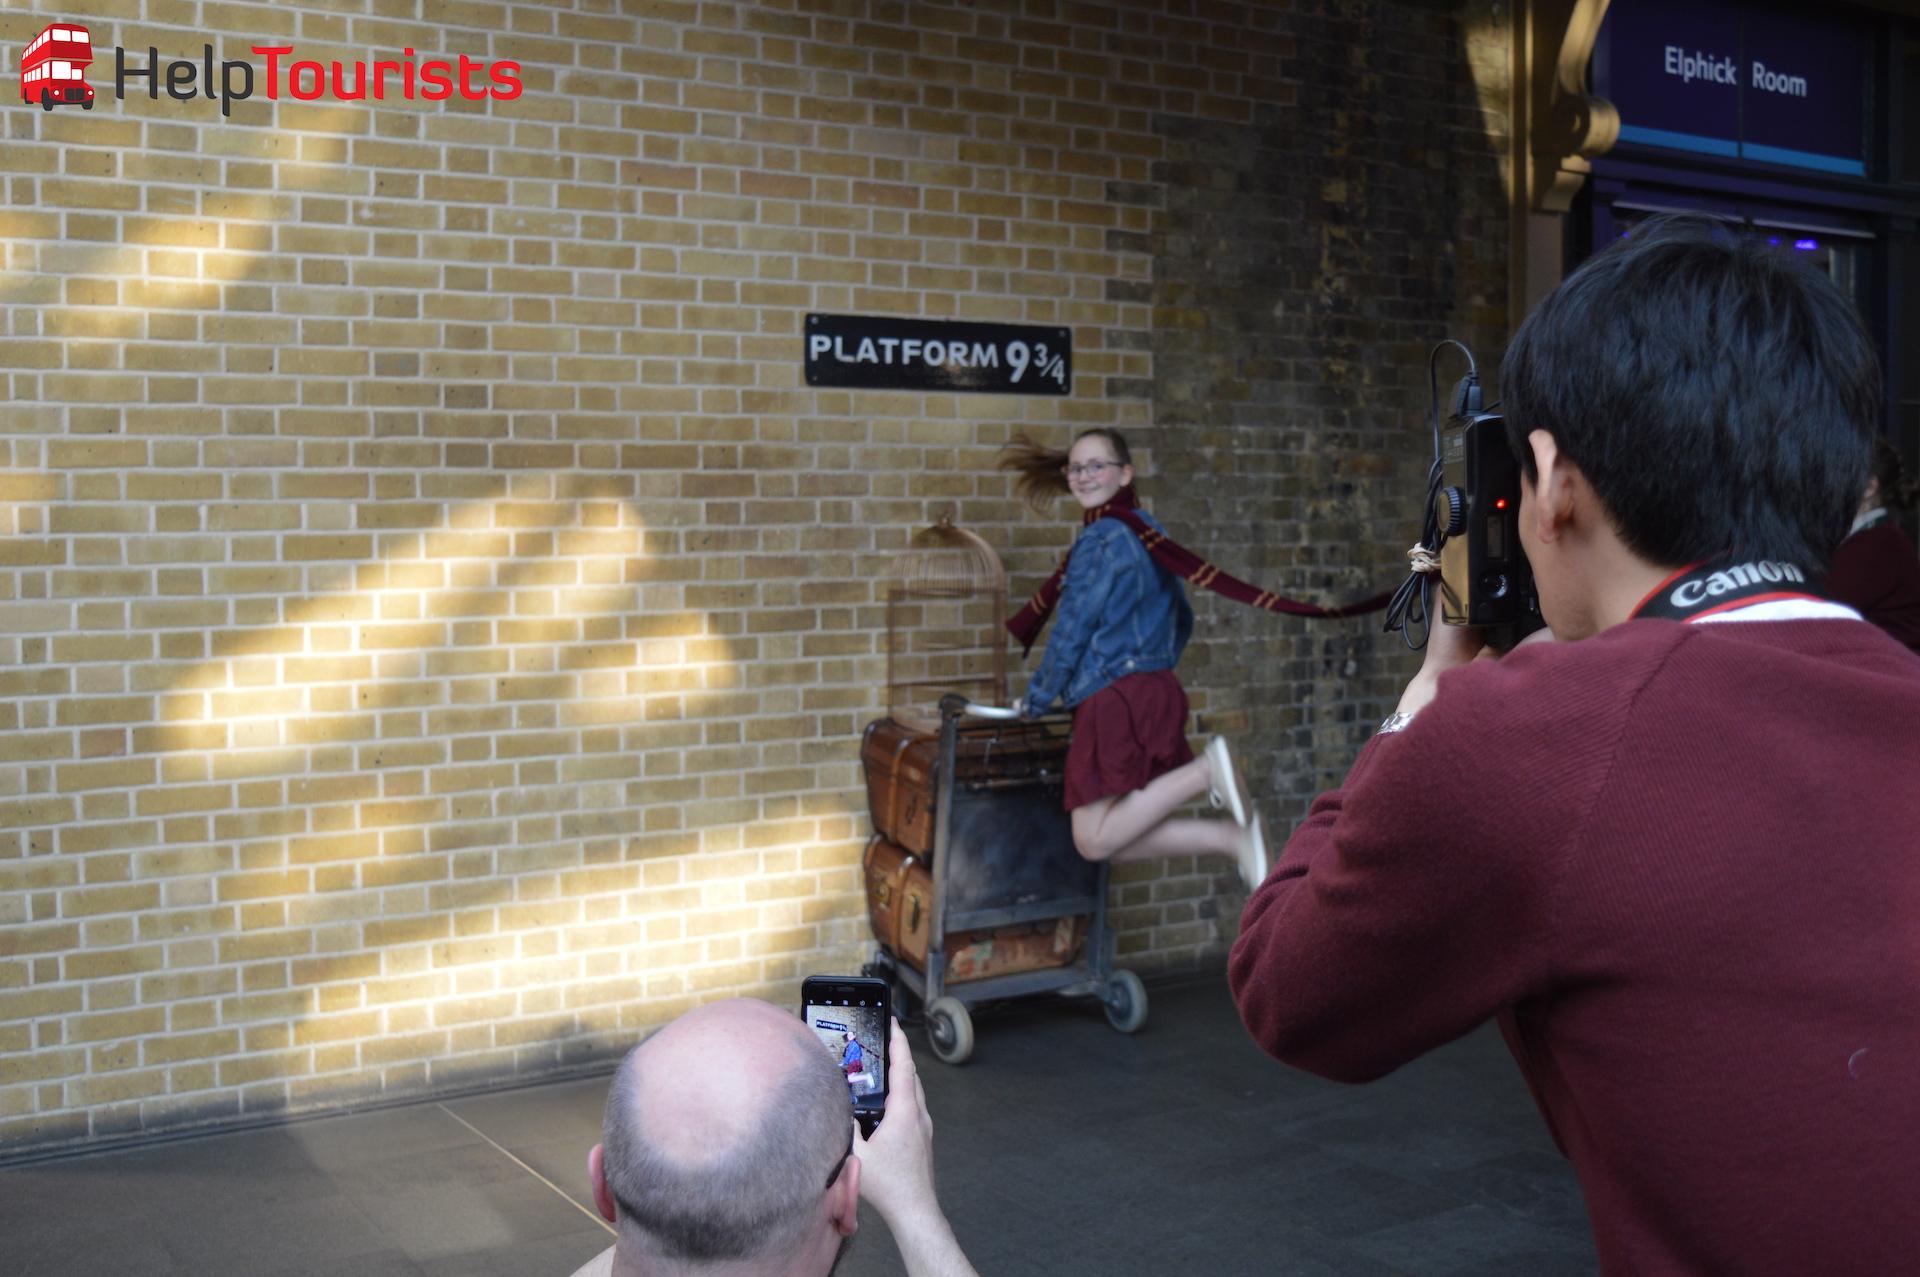 Gleis 9 3:4 Bahnhof King's Cross